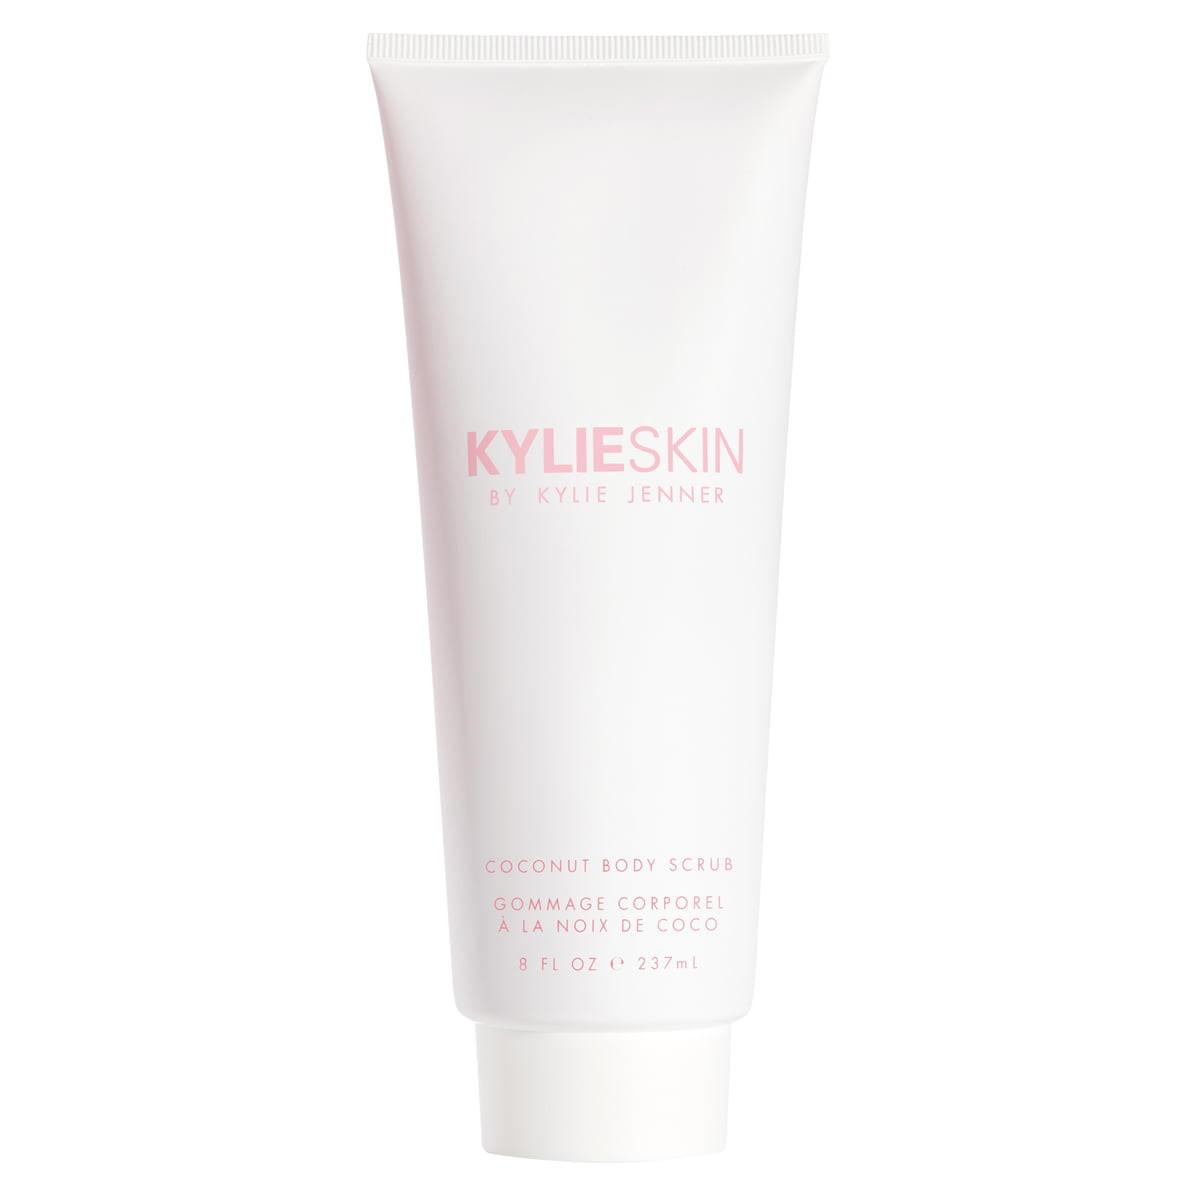 Kylie Skin Coconut Body Scrub